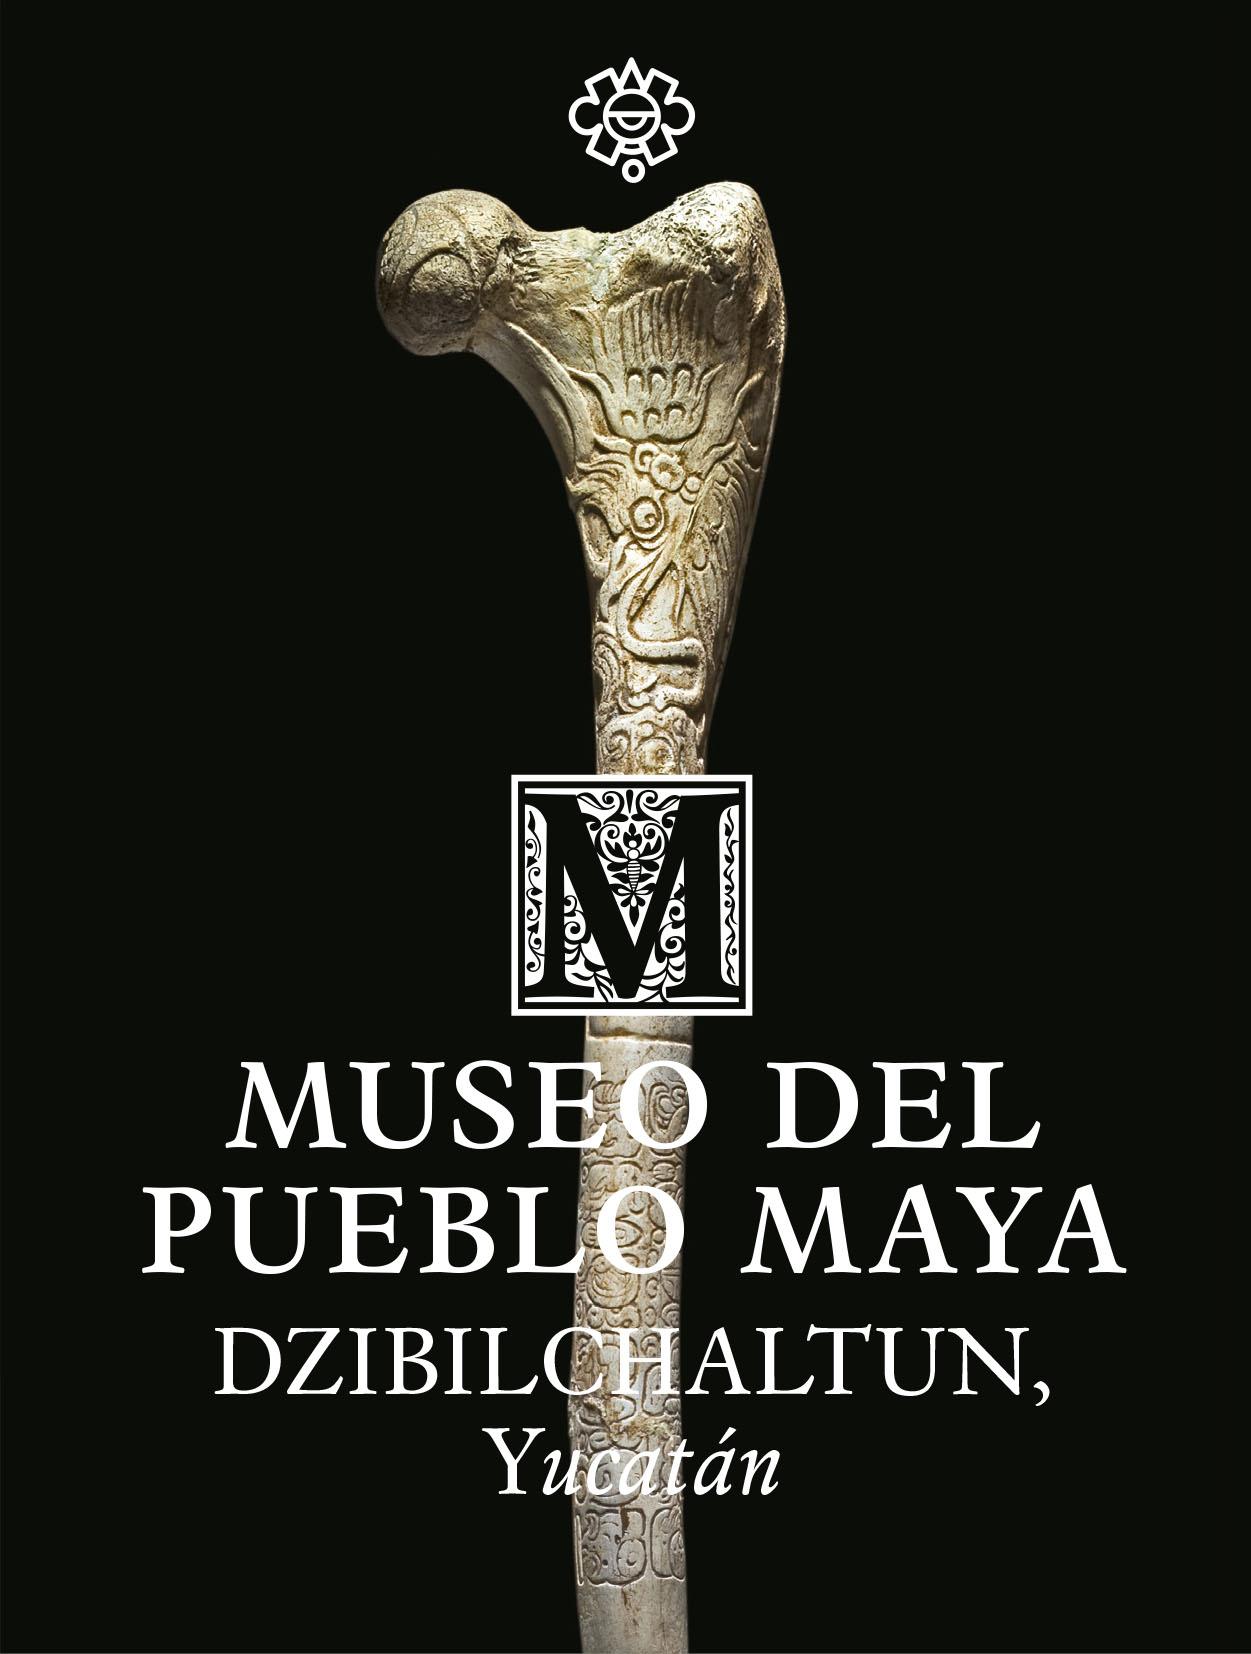 Museo del Pueblo Maya Dzibilchaltun